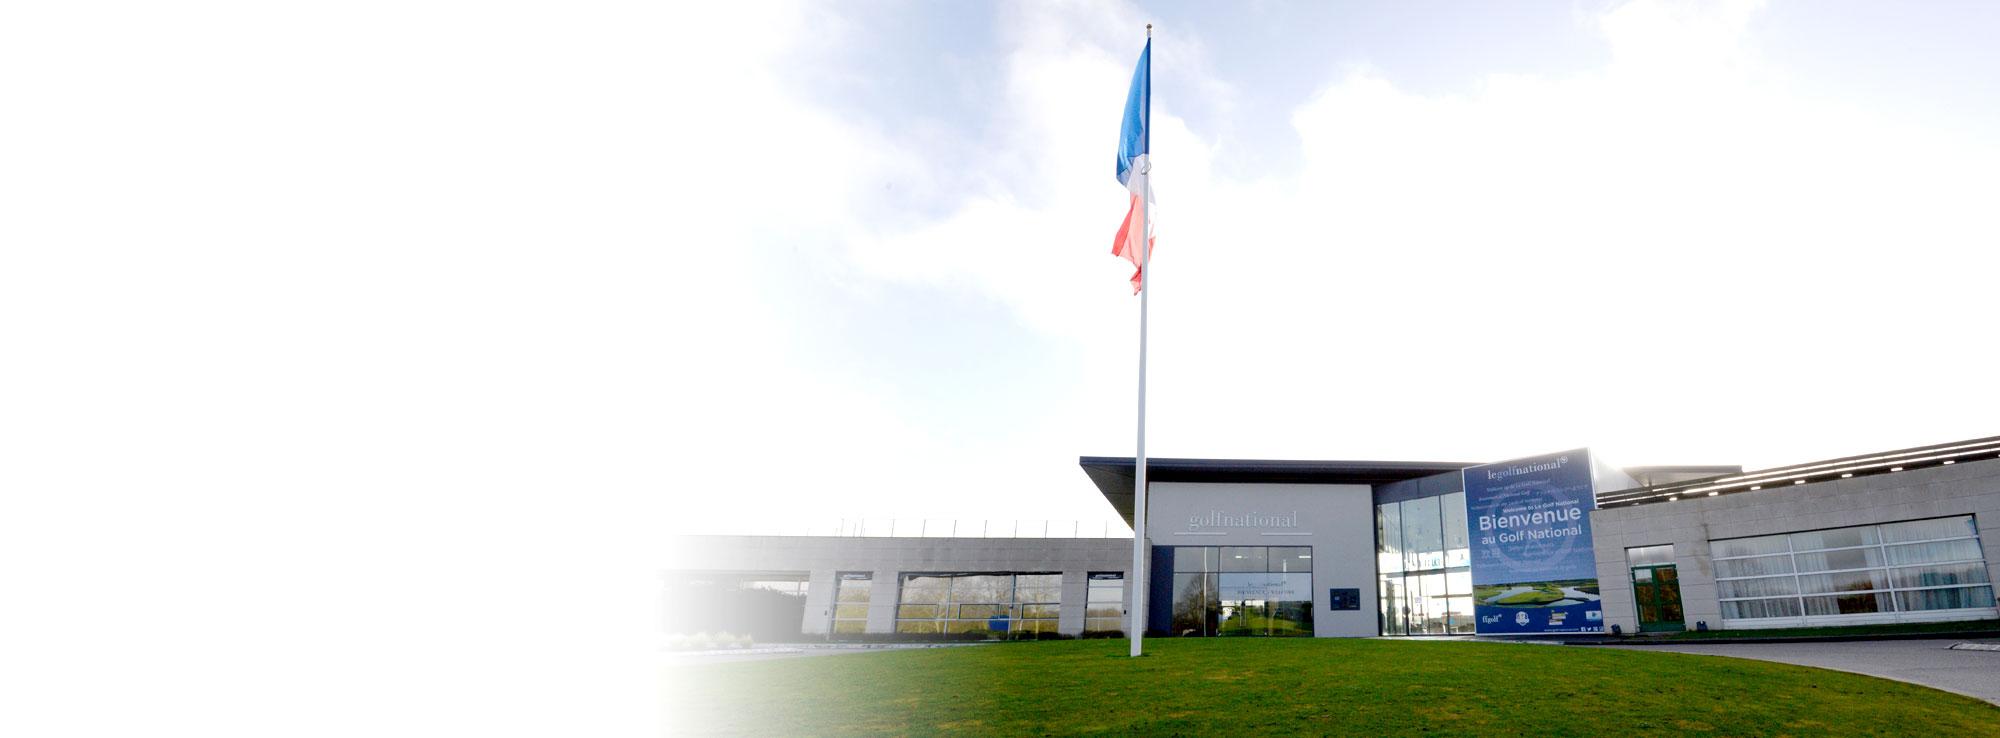 Site d'accueil de la Ryder Cup 2018